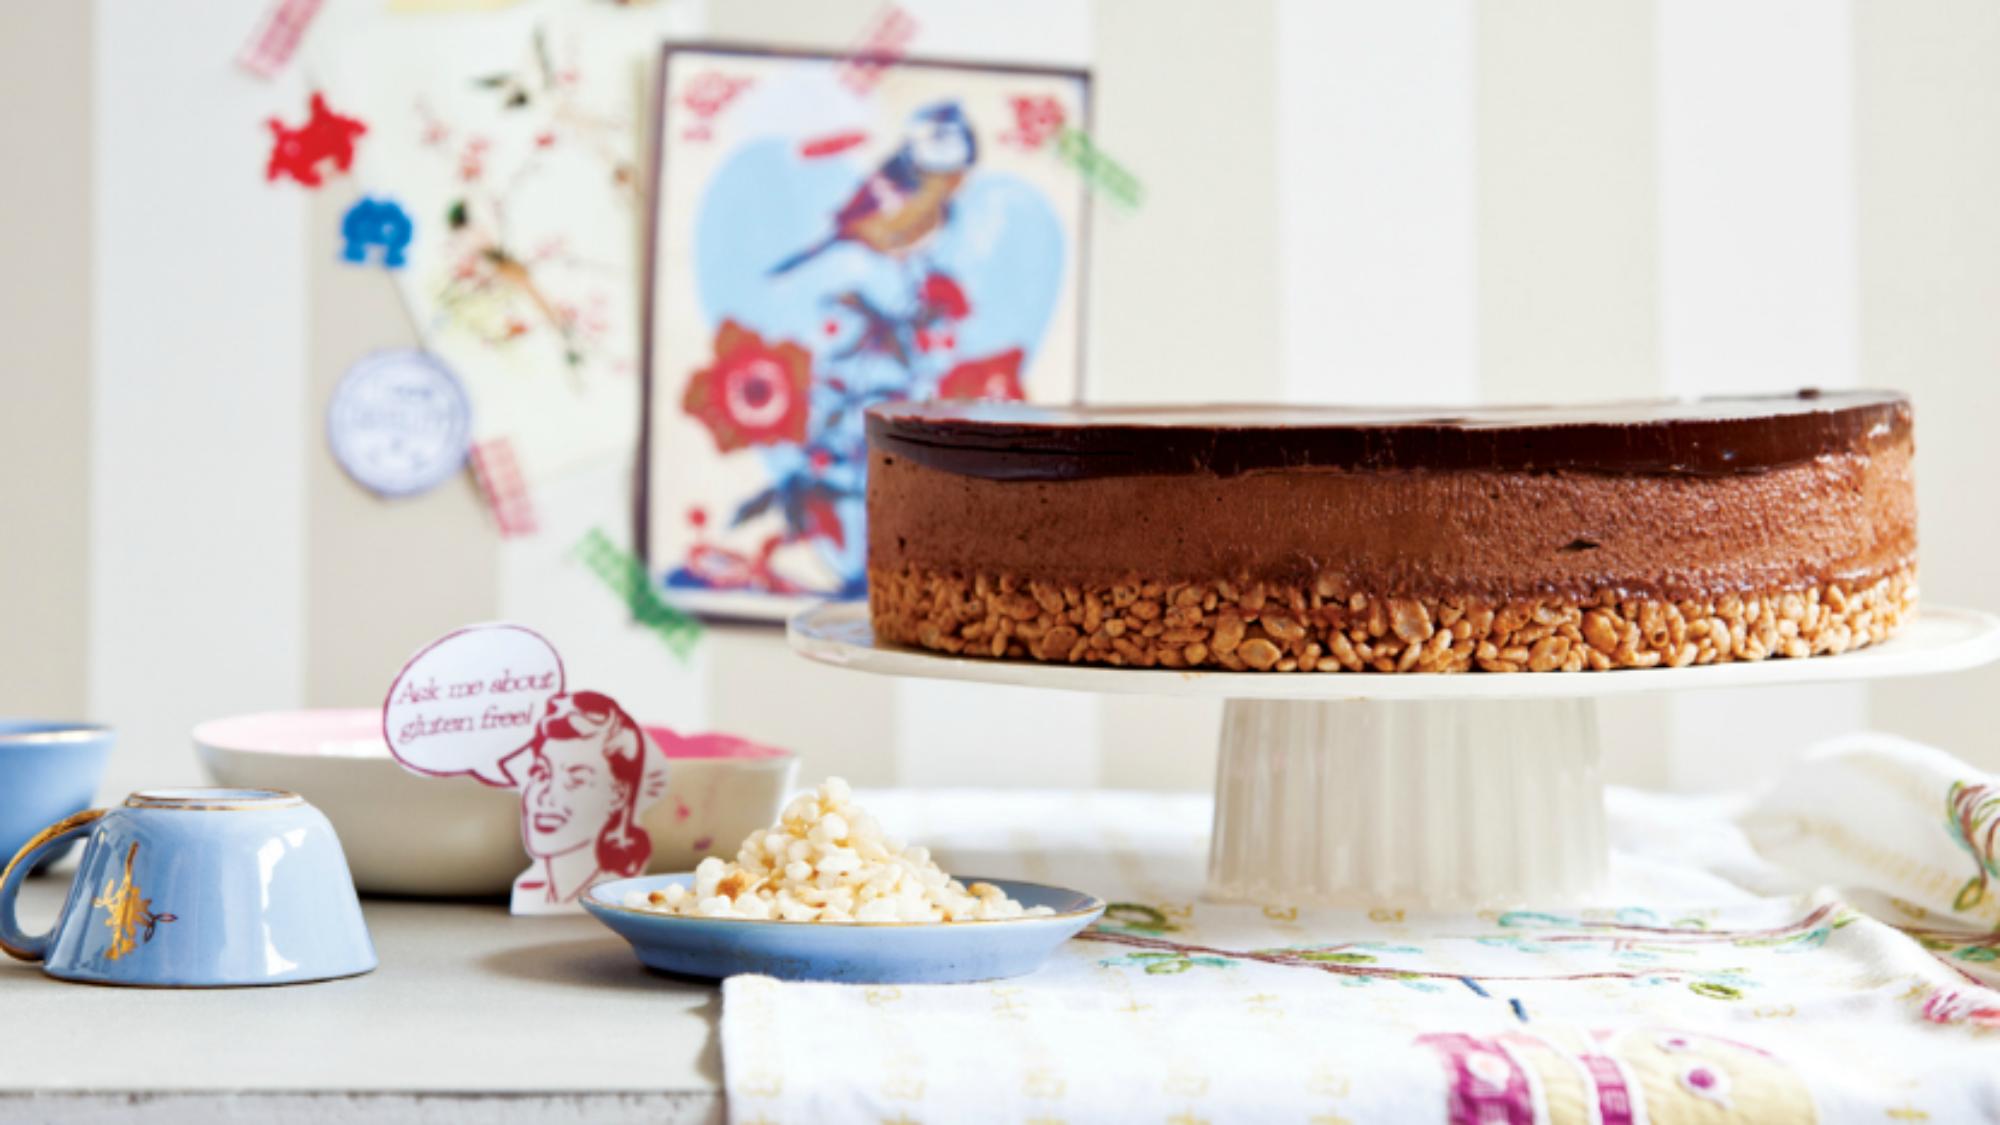 עוגת מוס שוקולד עם בסיס פצפוצים. צילום: דן לב | סגנון: דלית רוסו